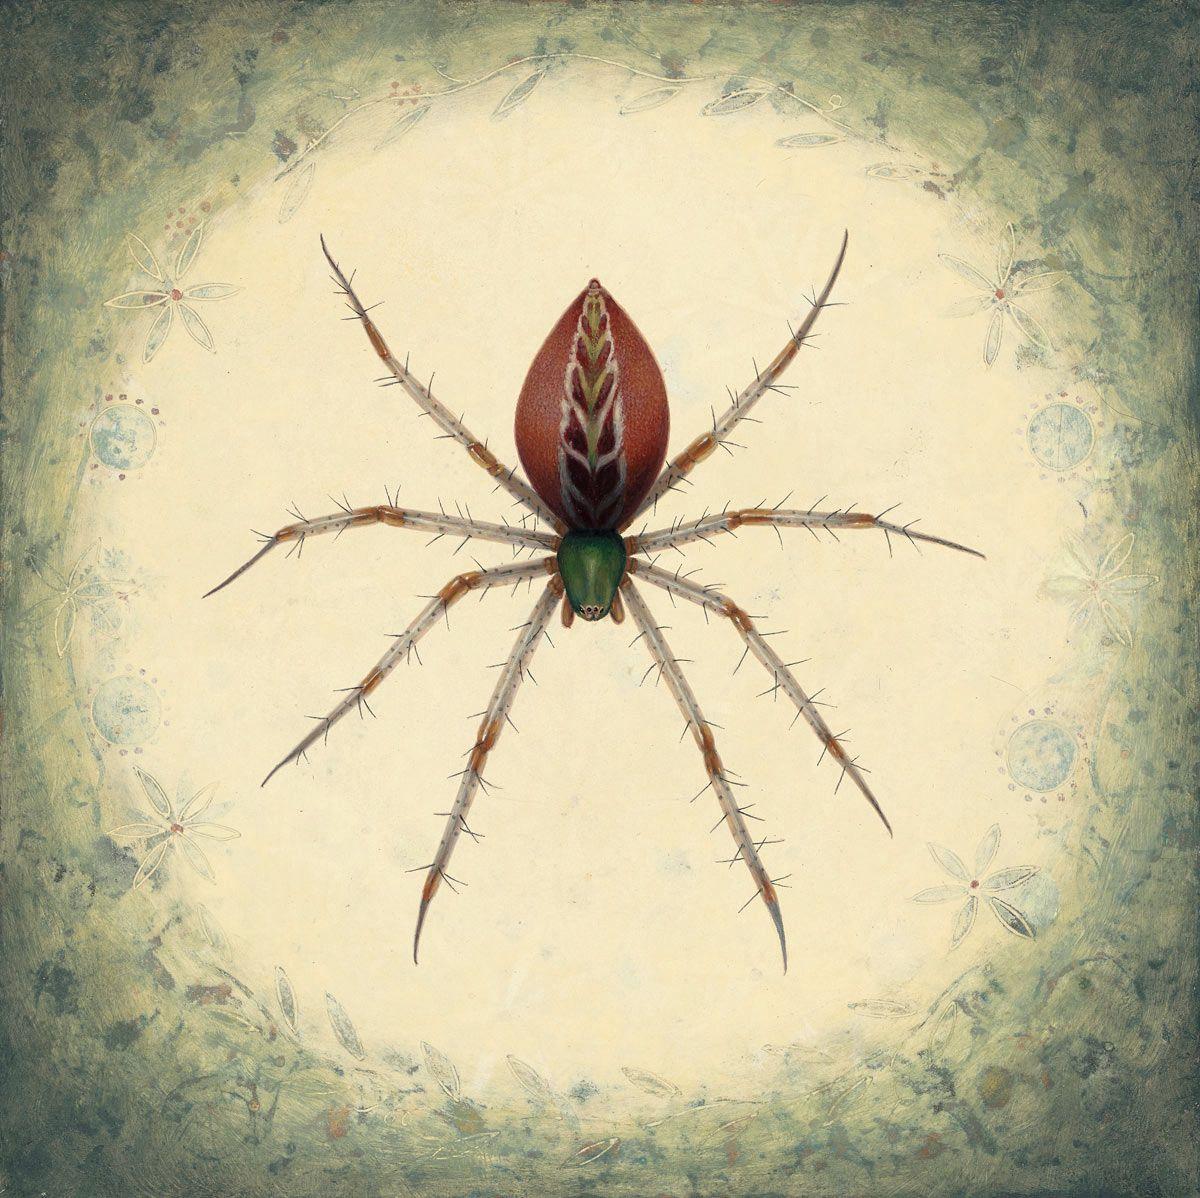 Susan McDonnell, Garden Spider, 2018